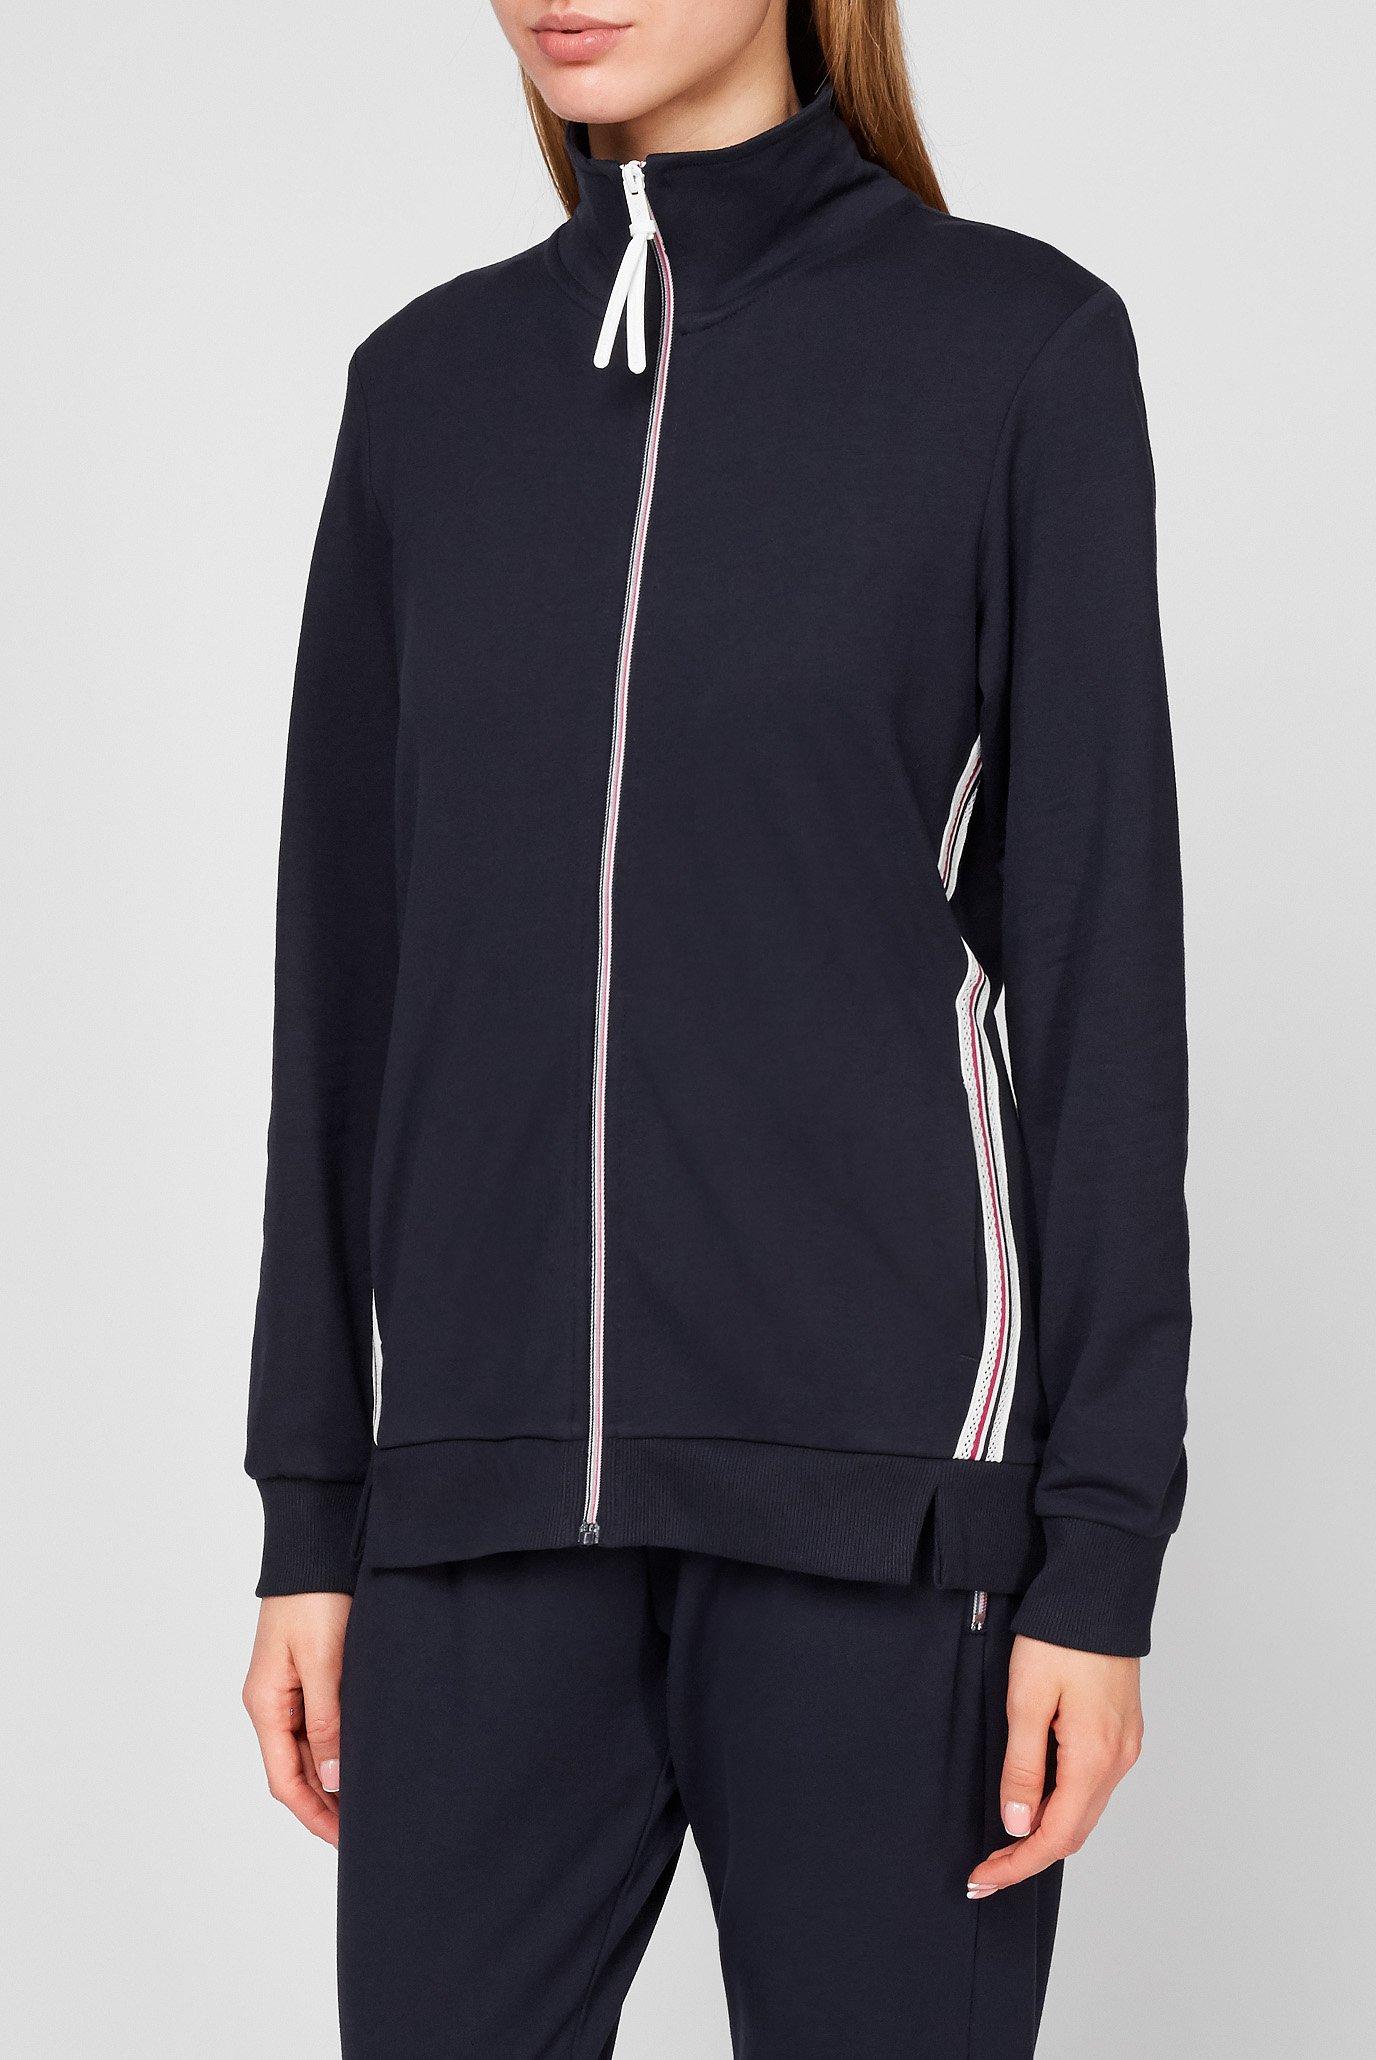 Женская темно-синяя спортивная кофта 1